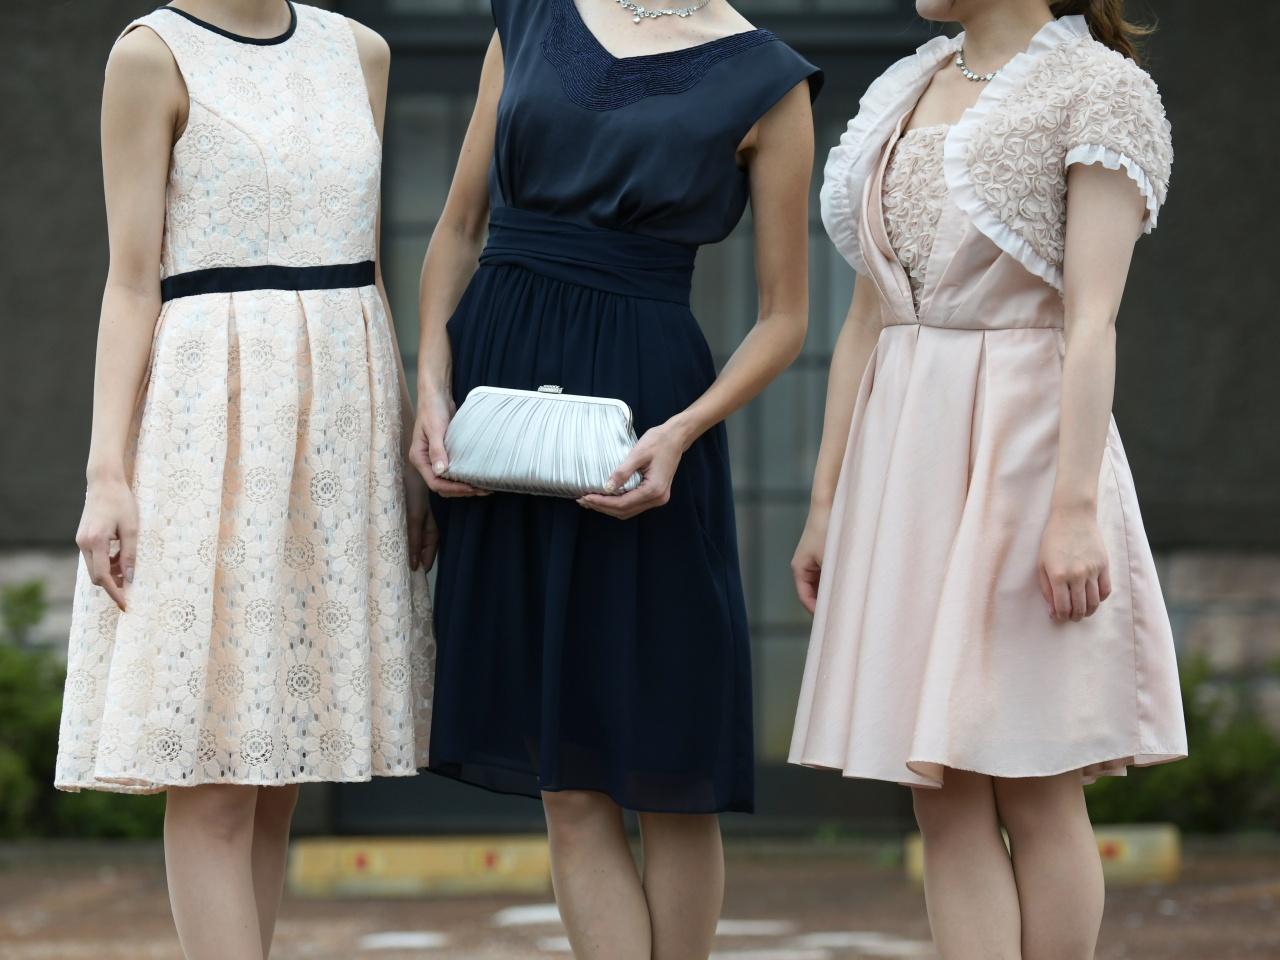 成人式の二次会、卒業式の謝恩会、夏の成人式ドレスに。 振袖・卒業式衣裳はもちろん、パーティードレスもビアンベールへ!